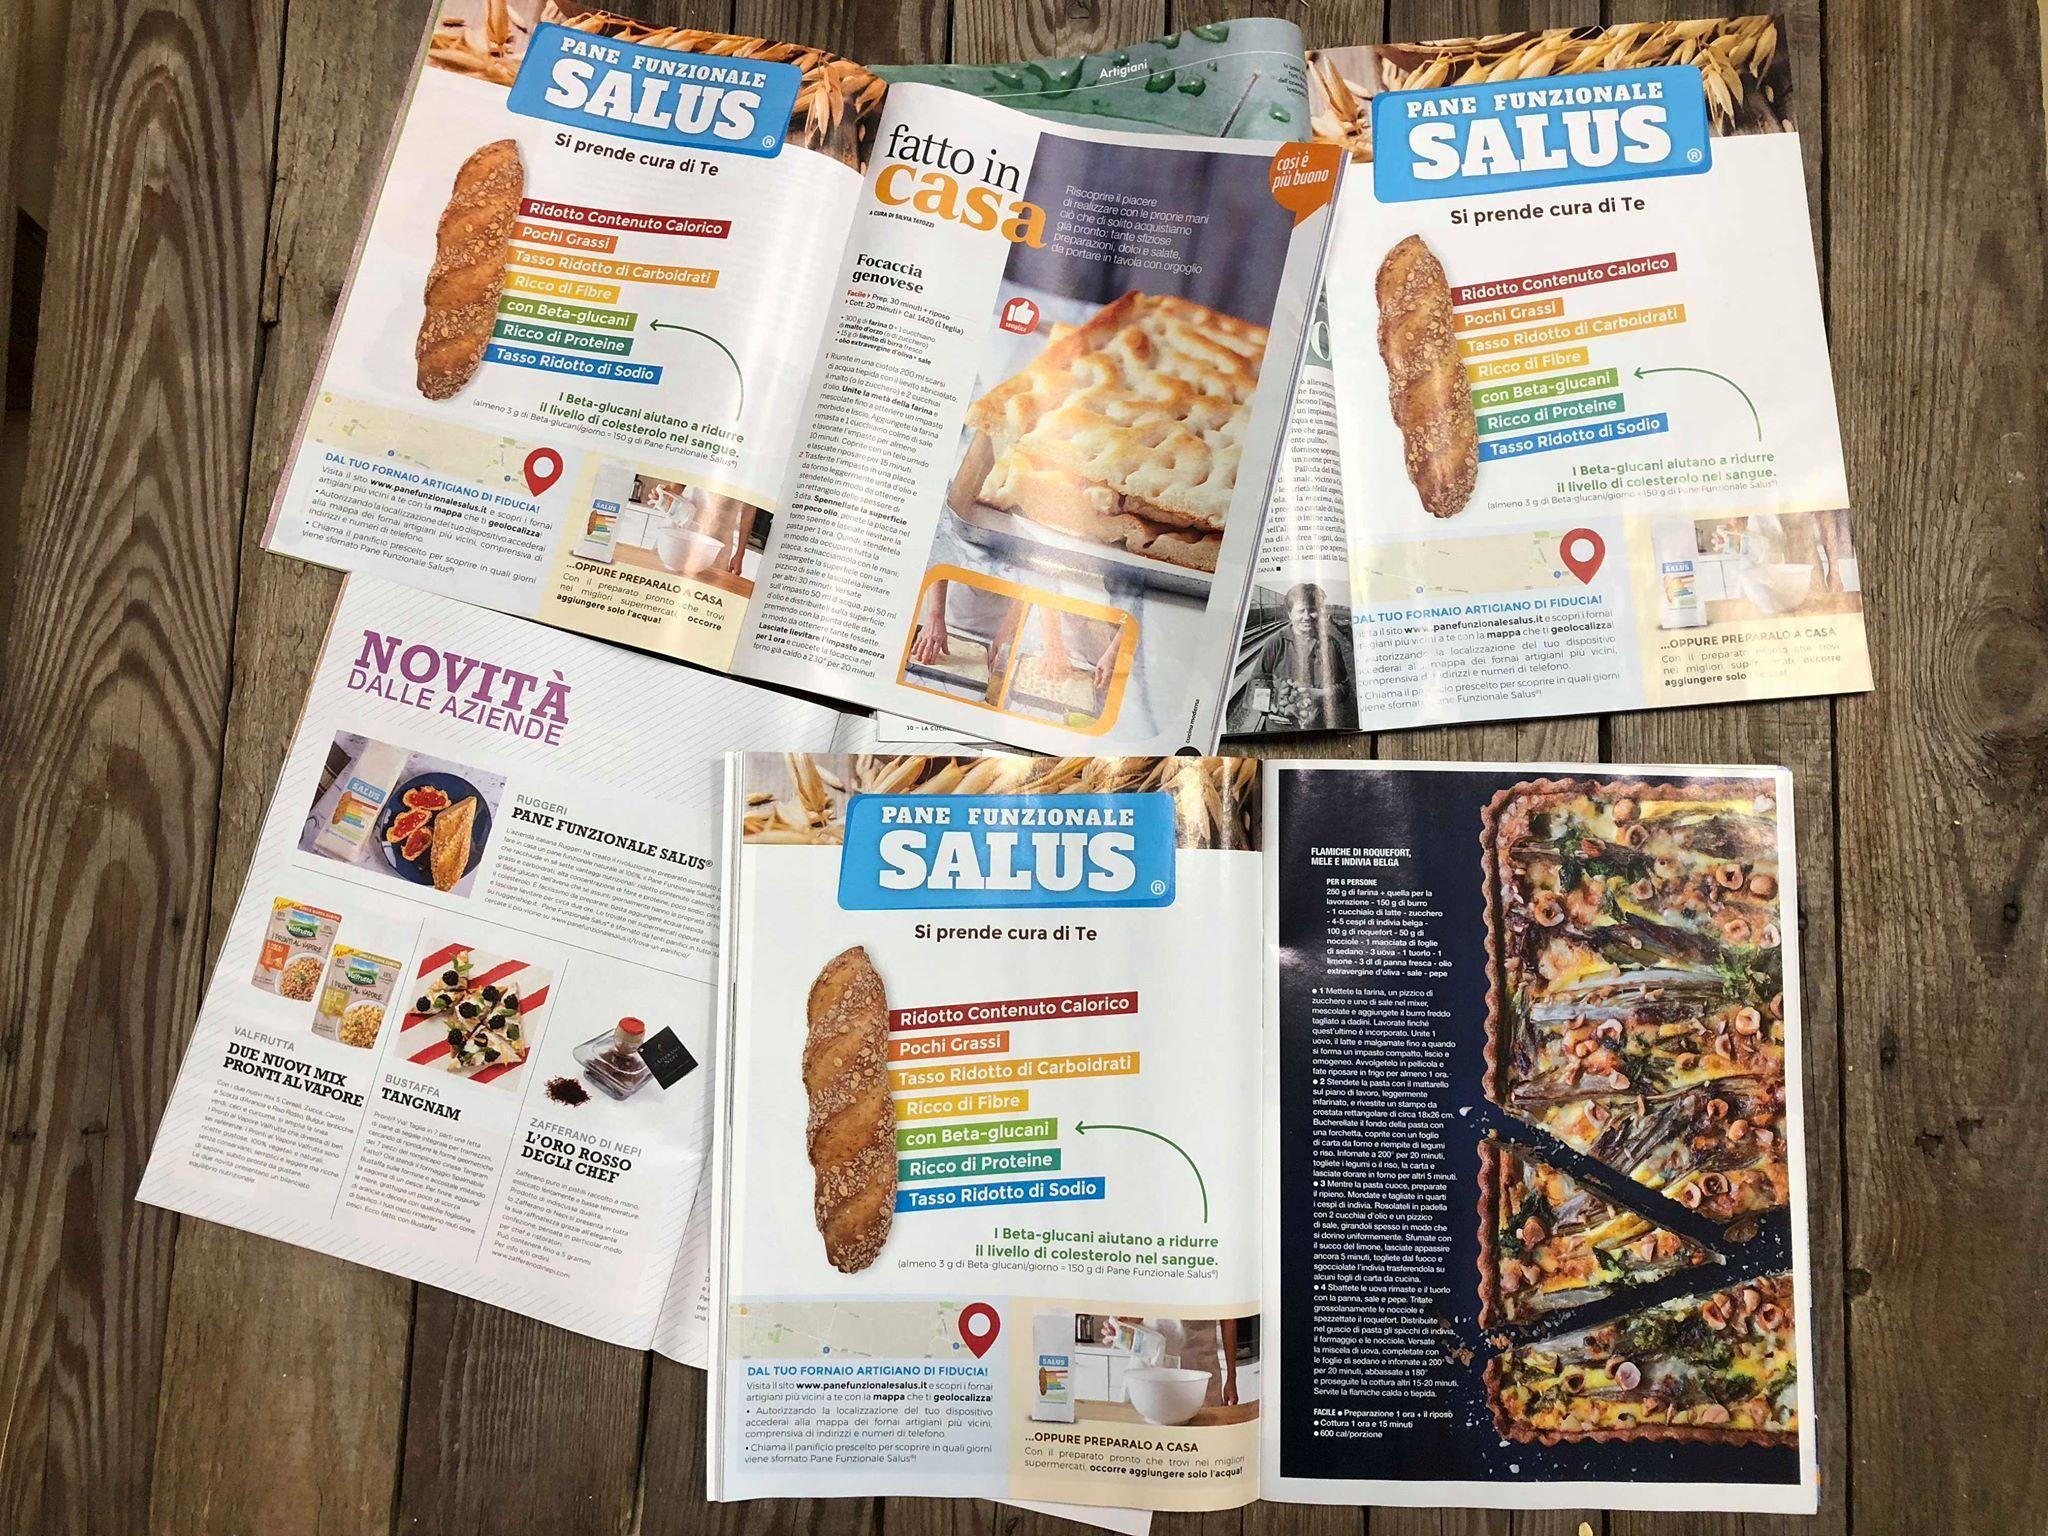 Questo mese trovi pane funzionale salus su molte riviste di cucina